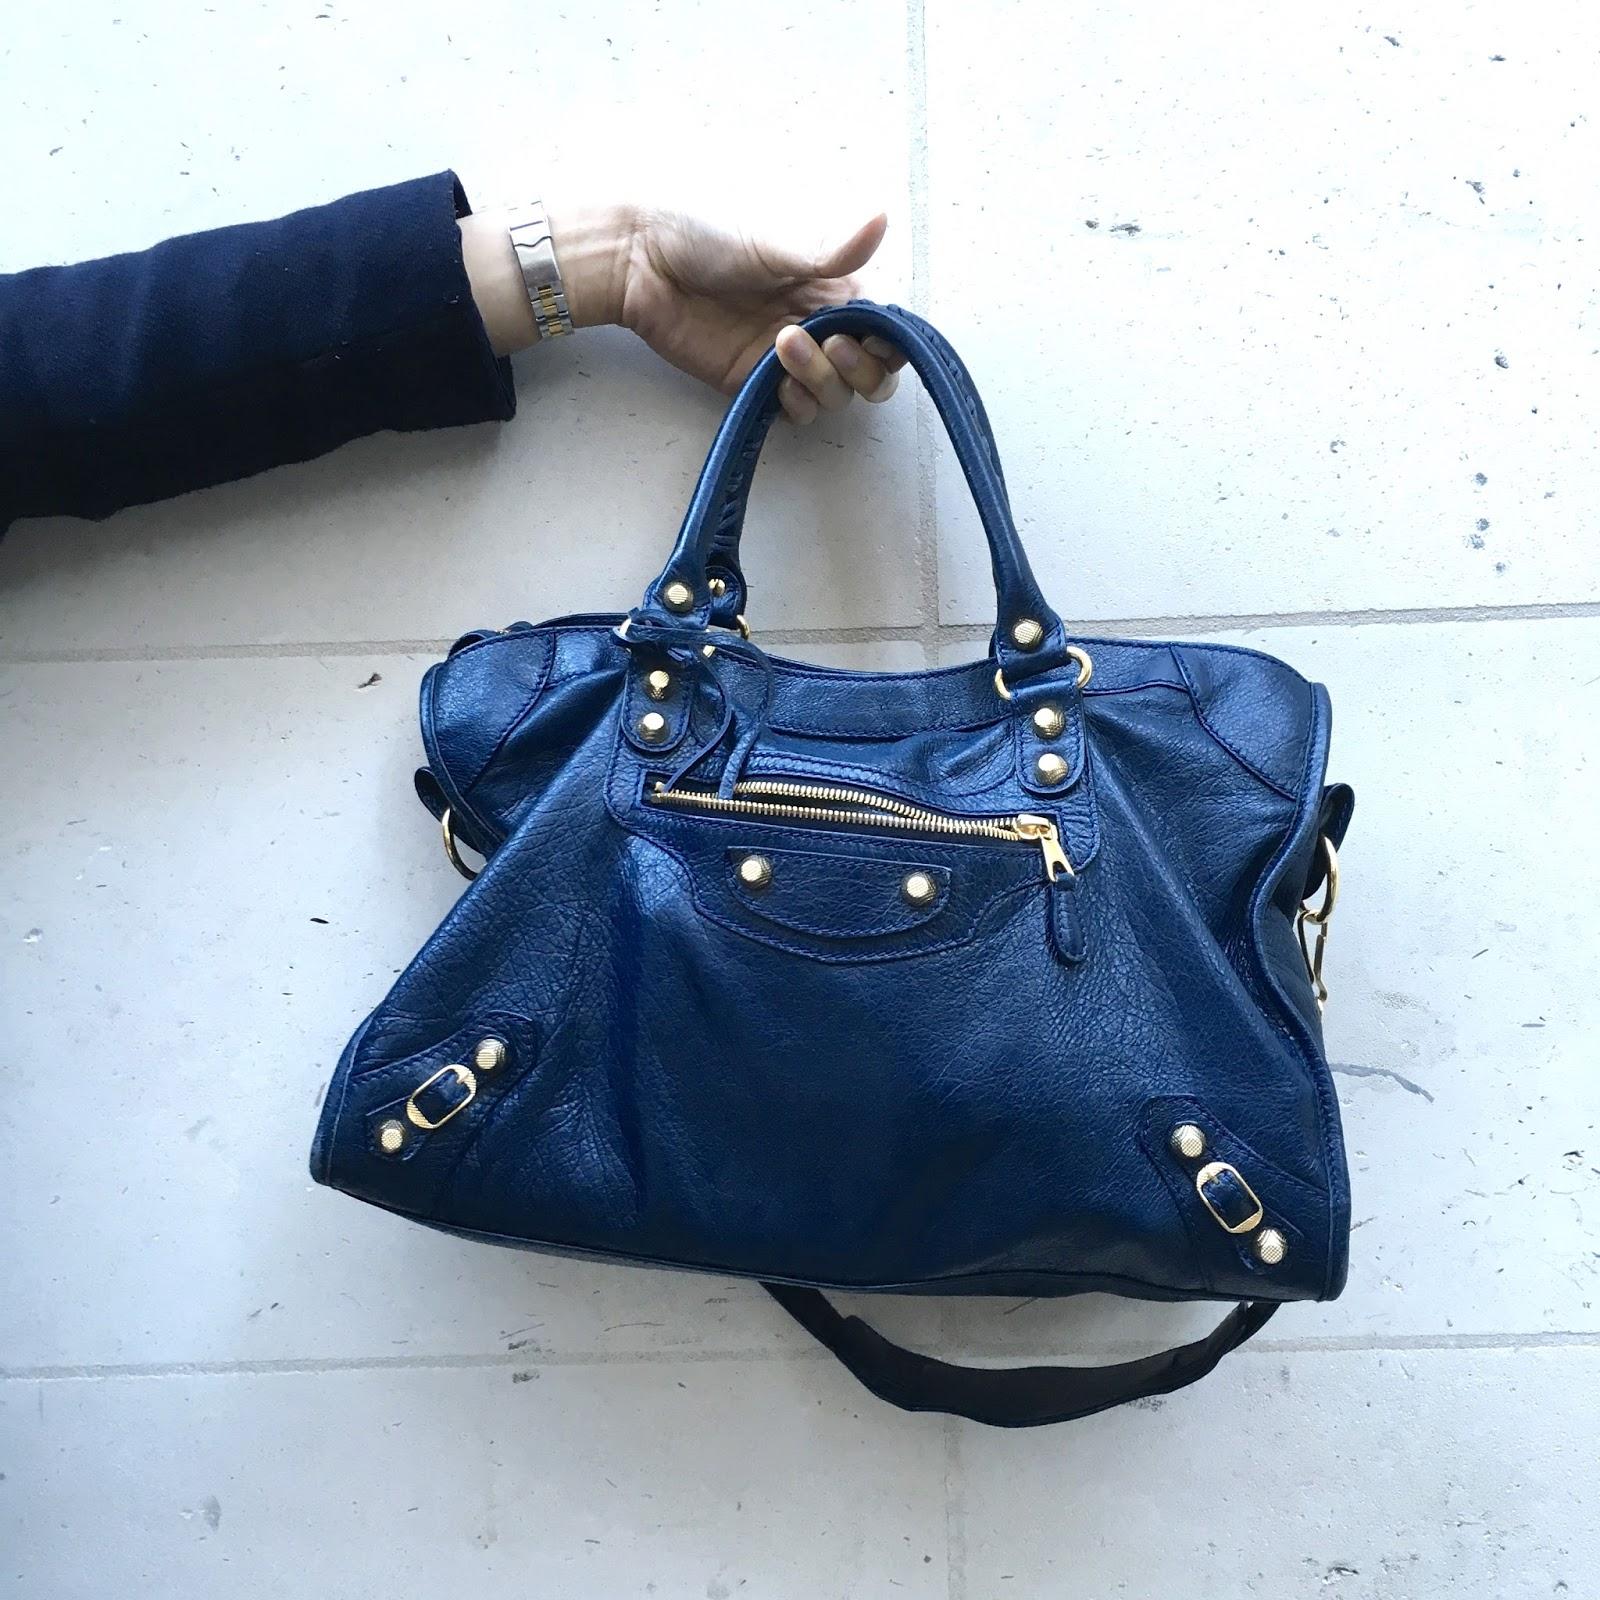 Balenciaga Classic City Bag Navy